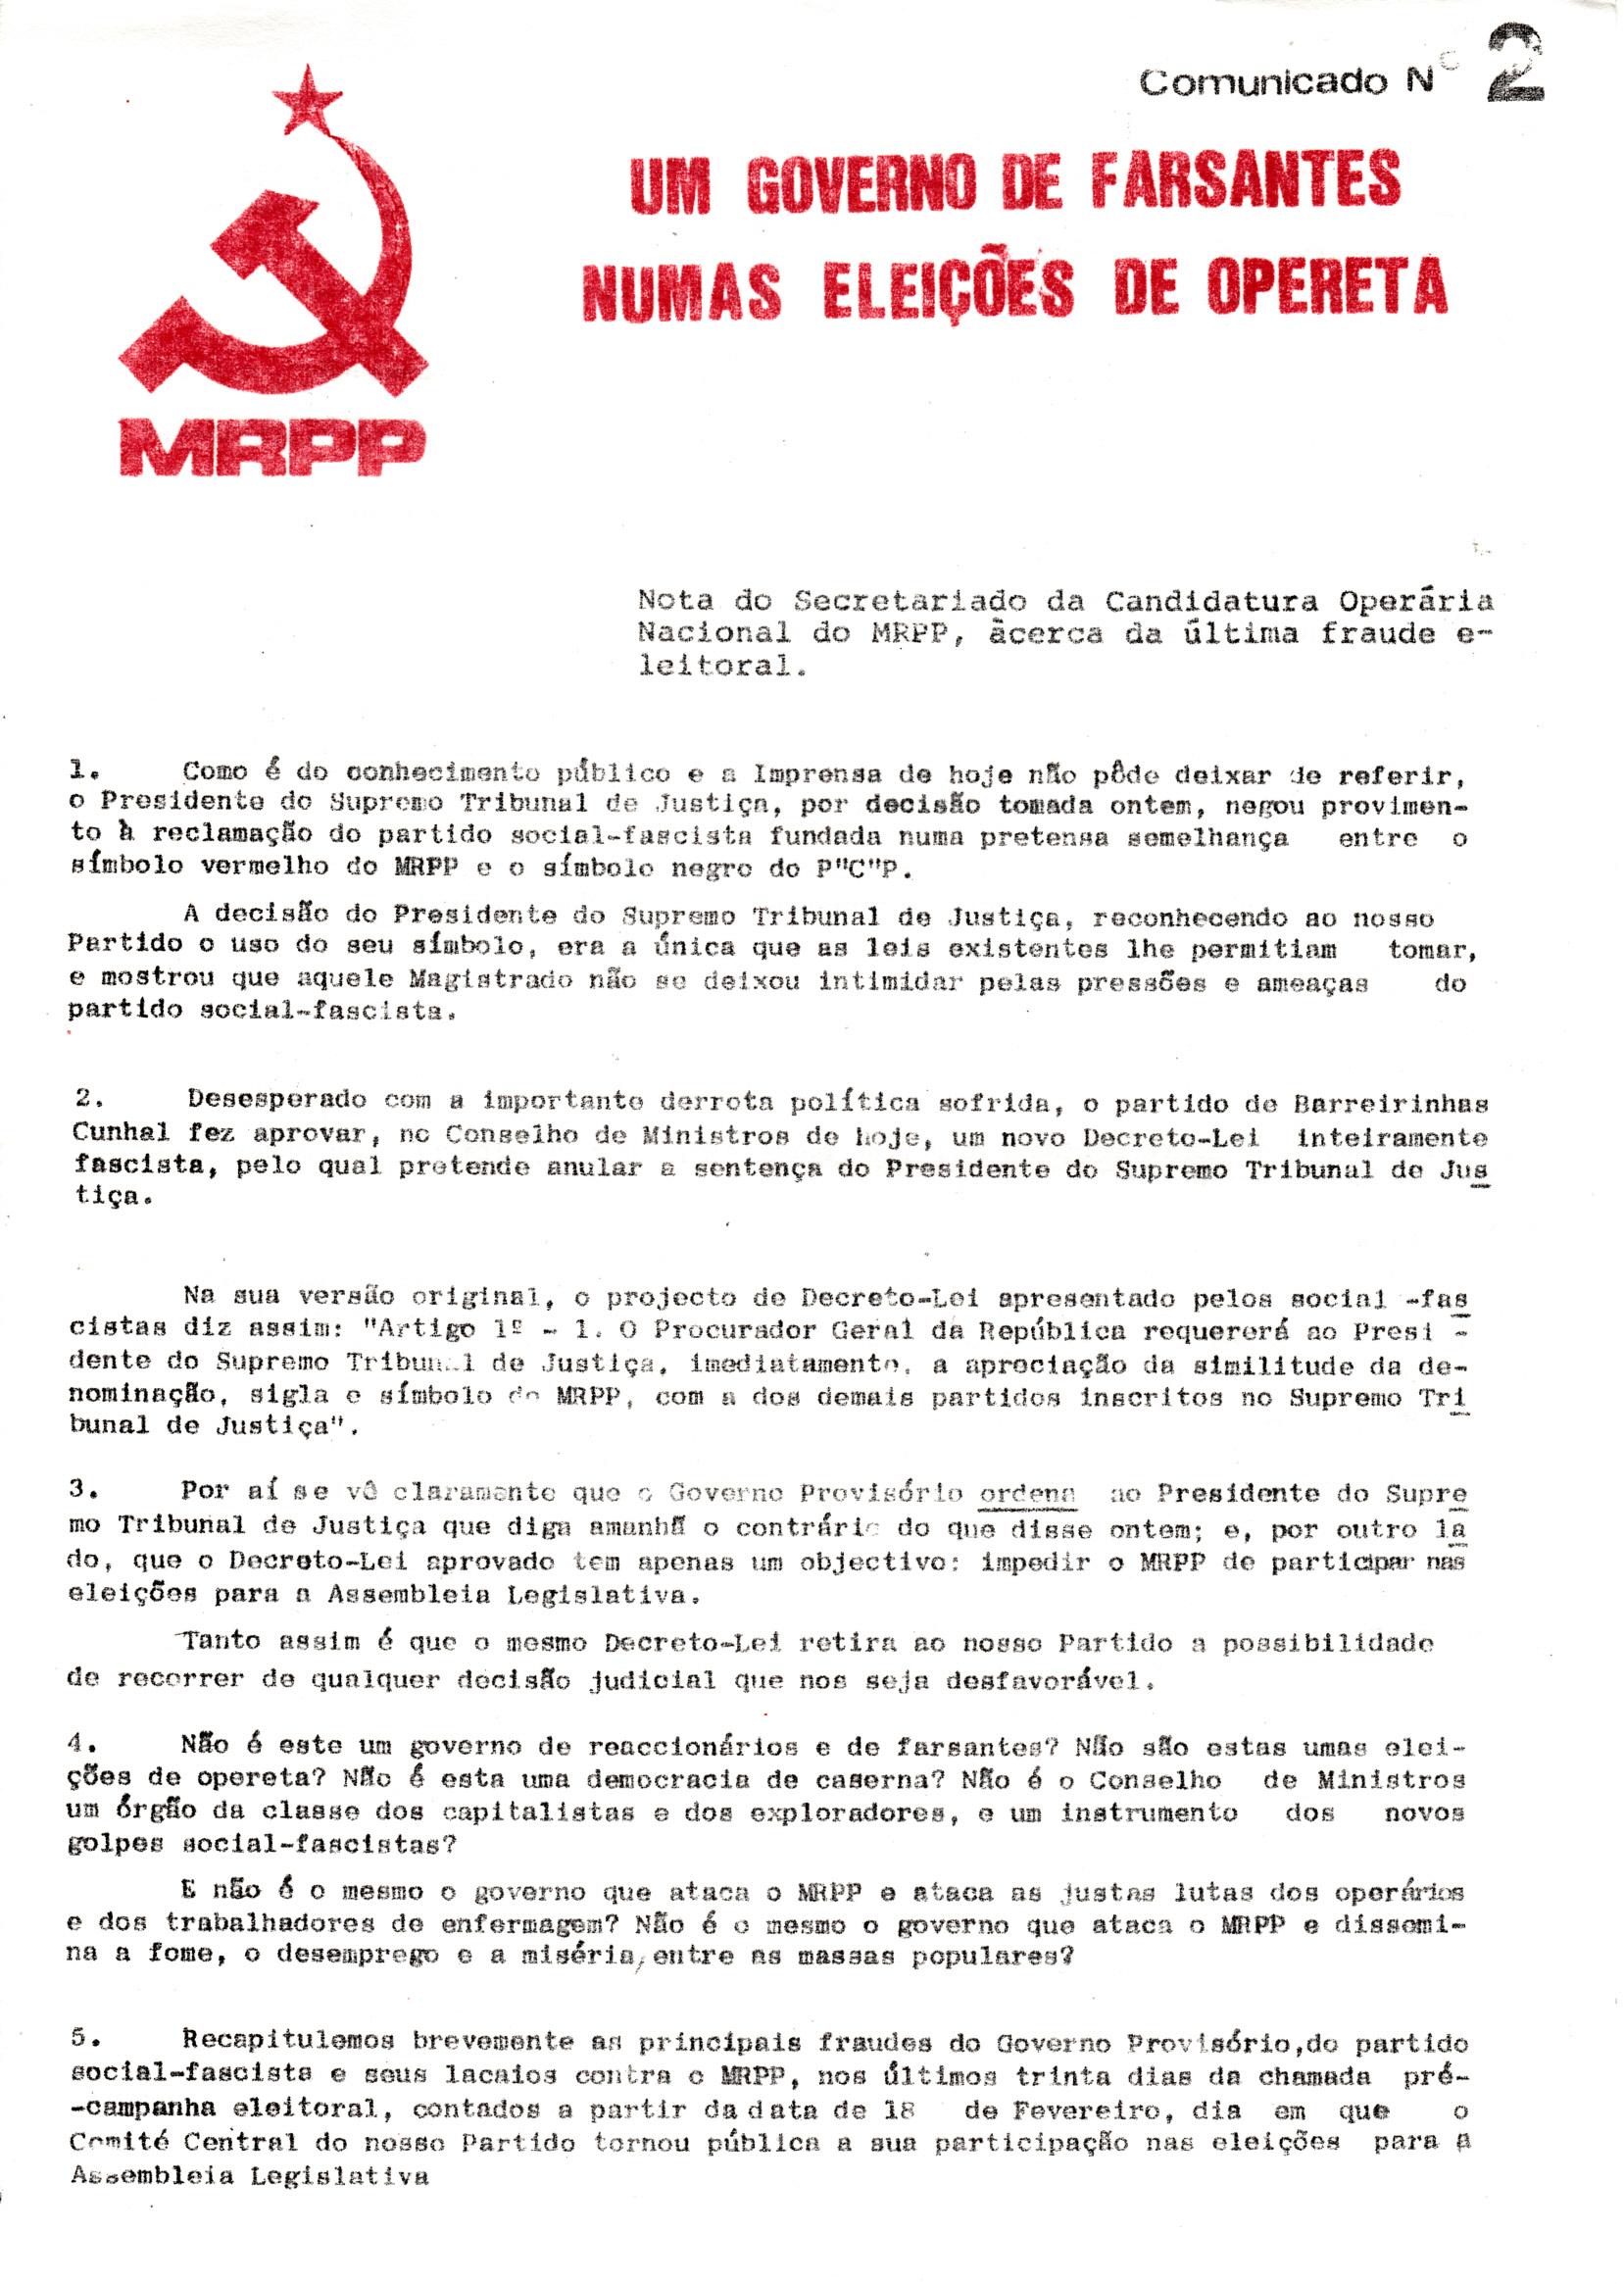 MRPP_1976_03_19_0003